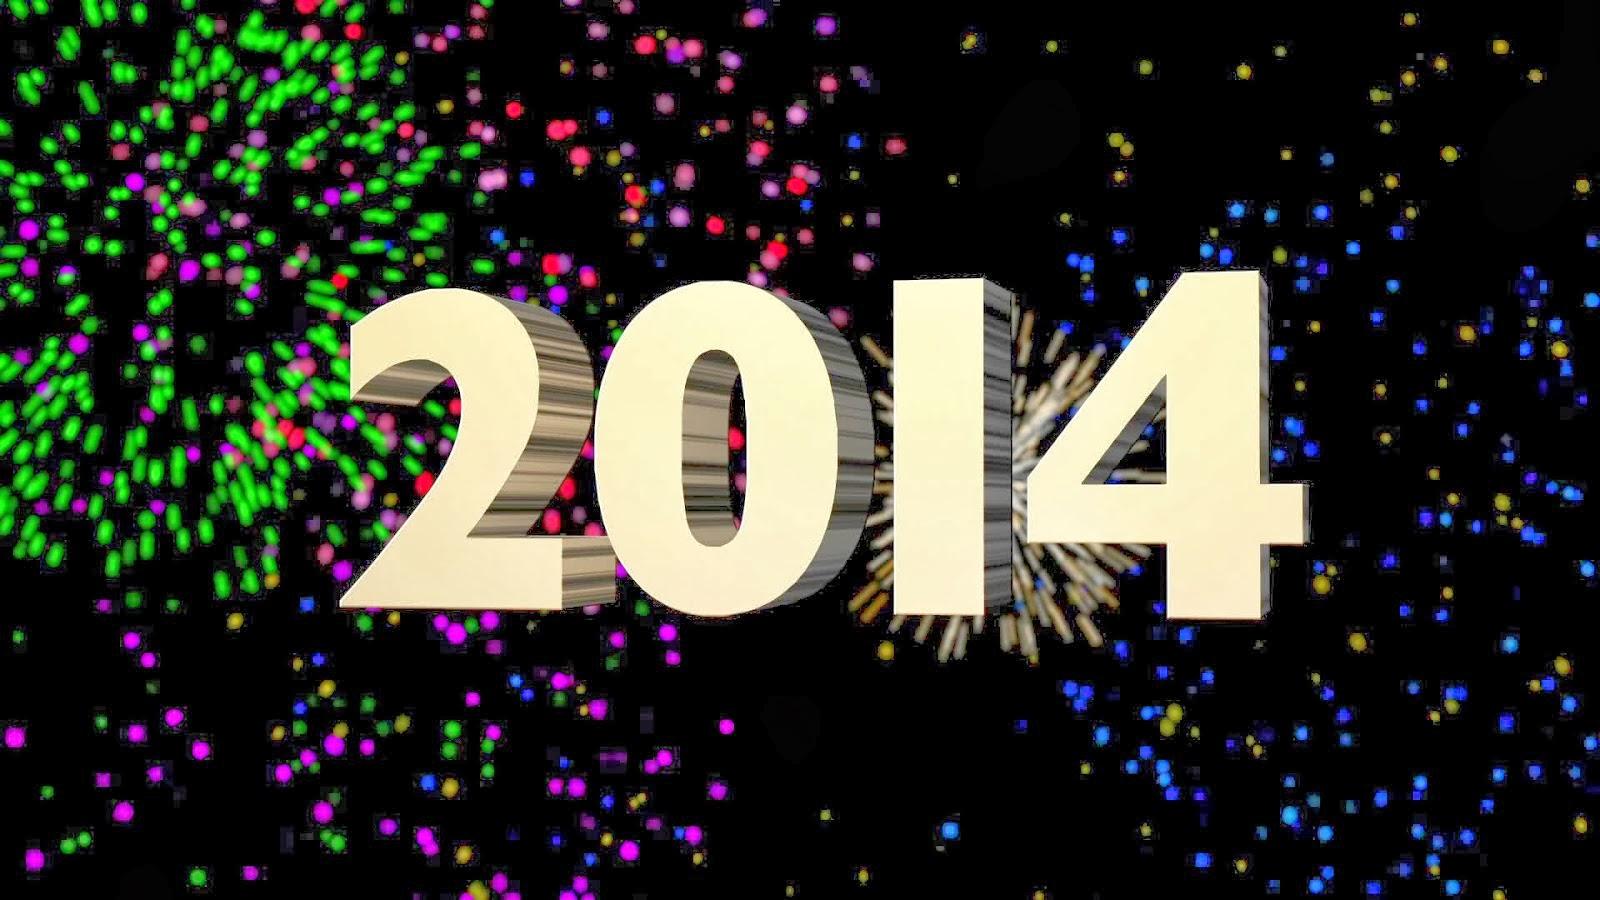 Photo De Couverture Facebook De Nouvel An Photo De Couverture Facebook